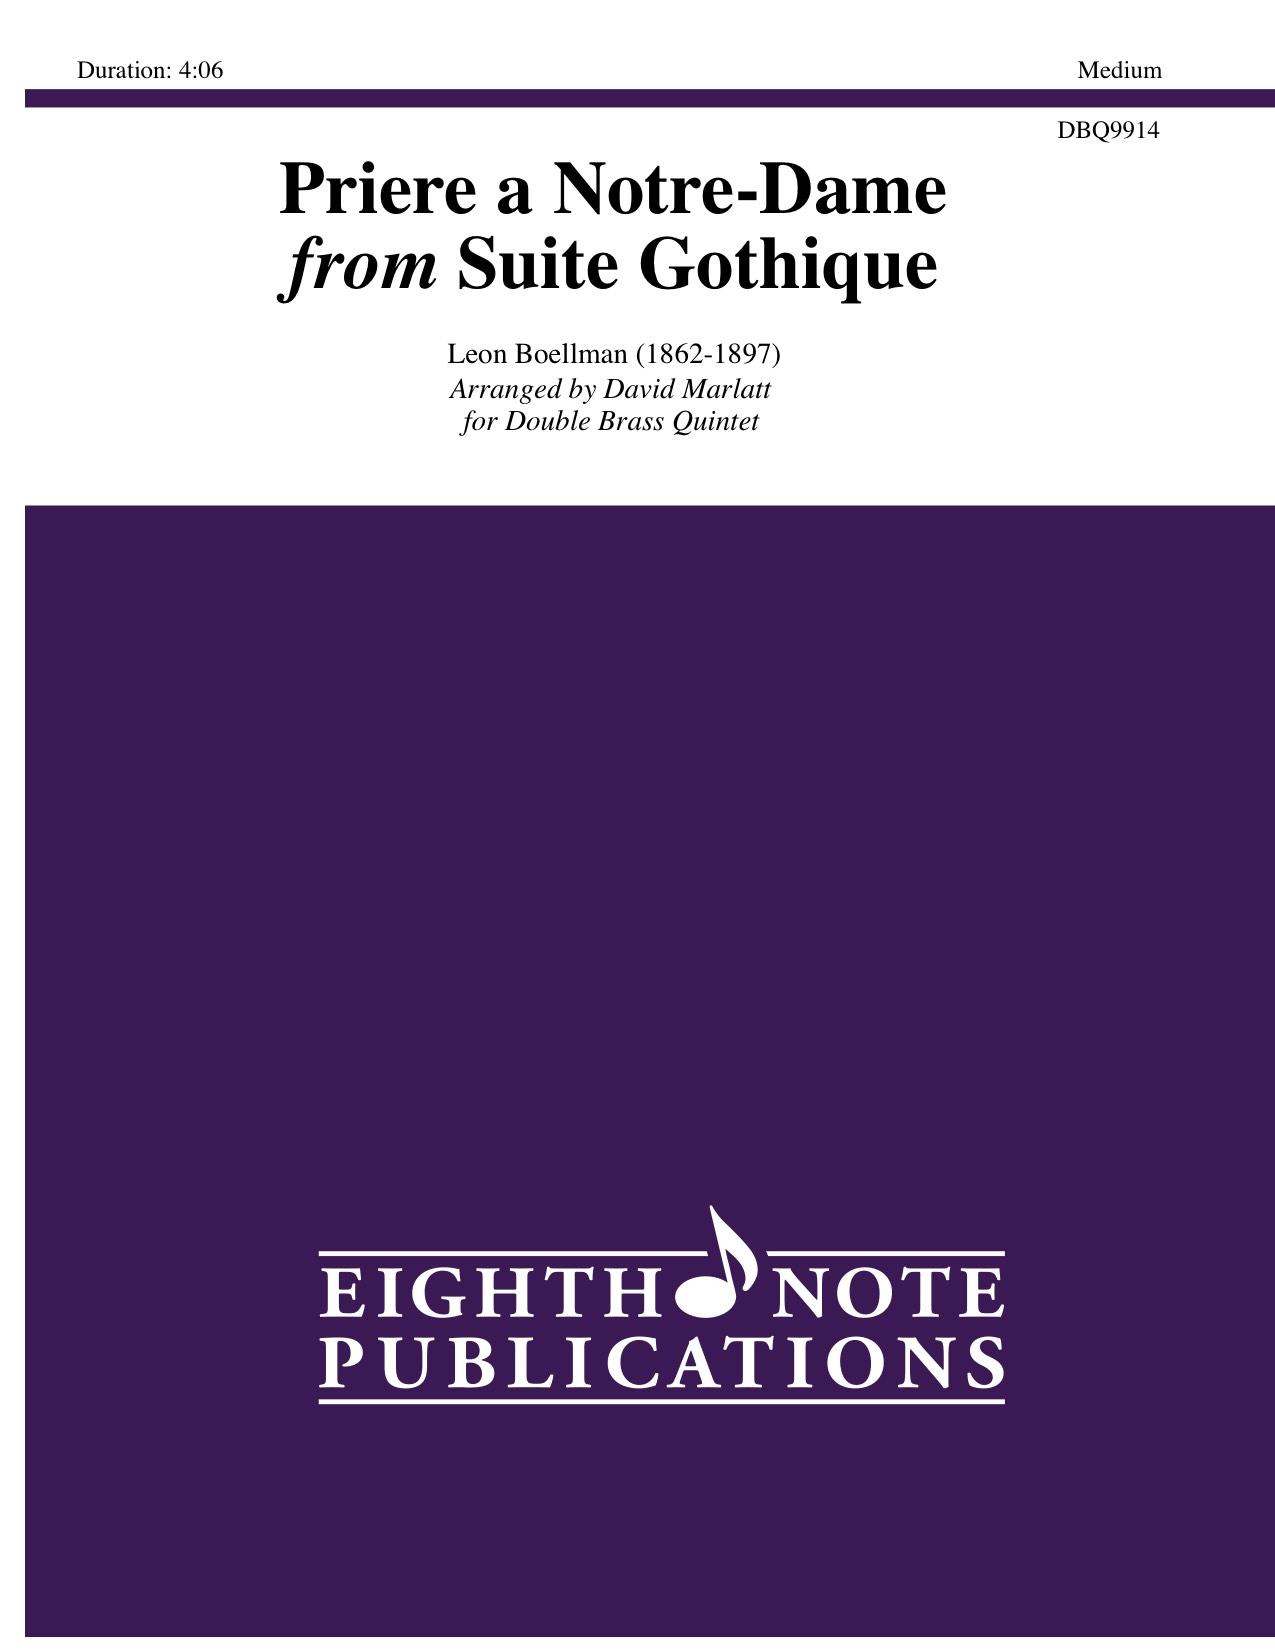 Priere a Notre-Dame from Suite Gothique - Leon Boellman